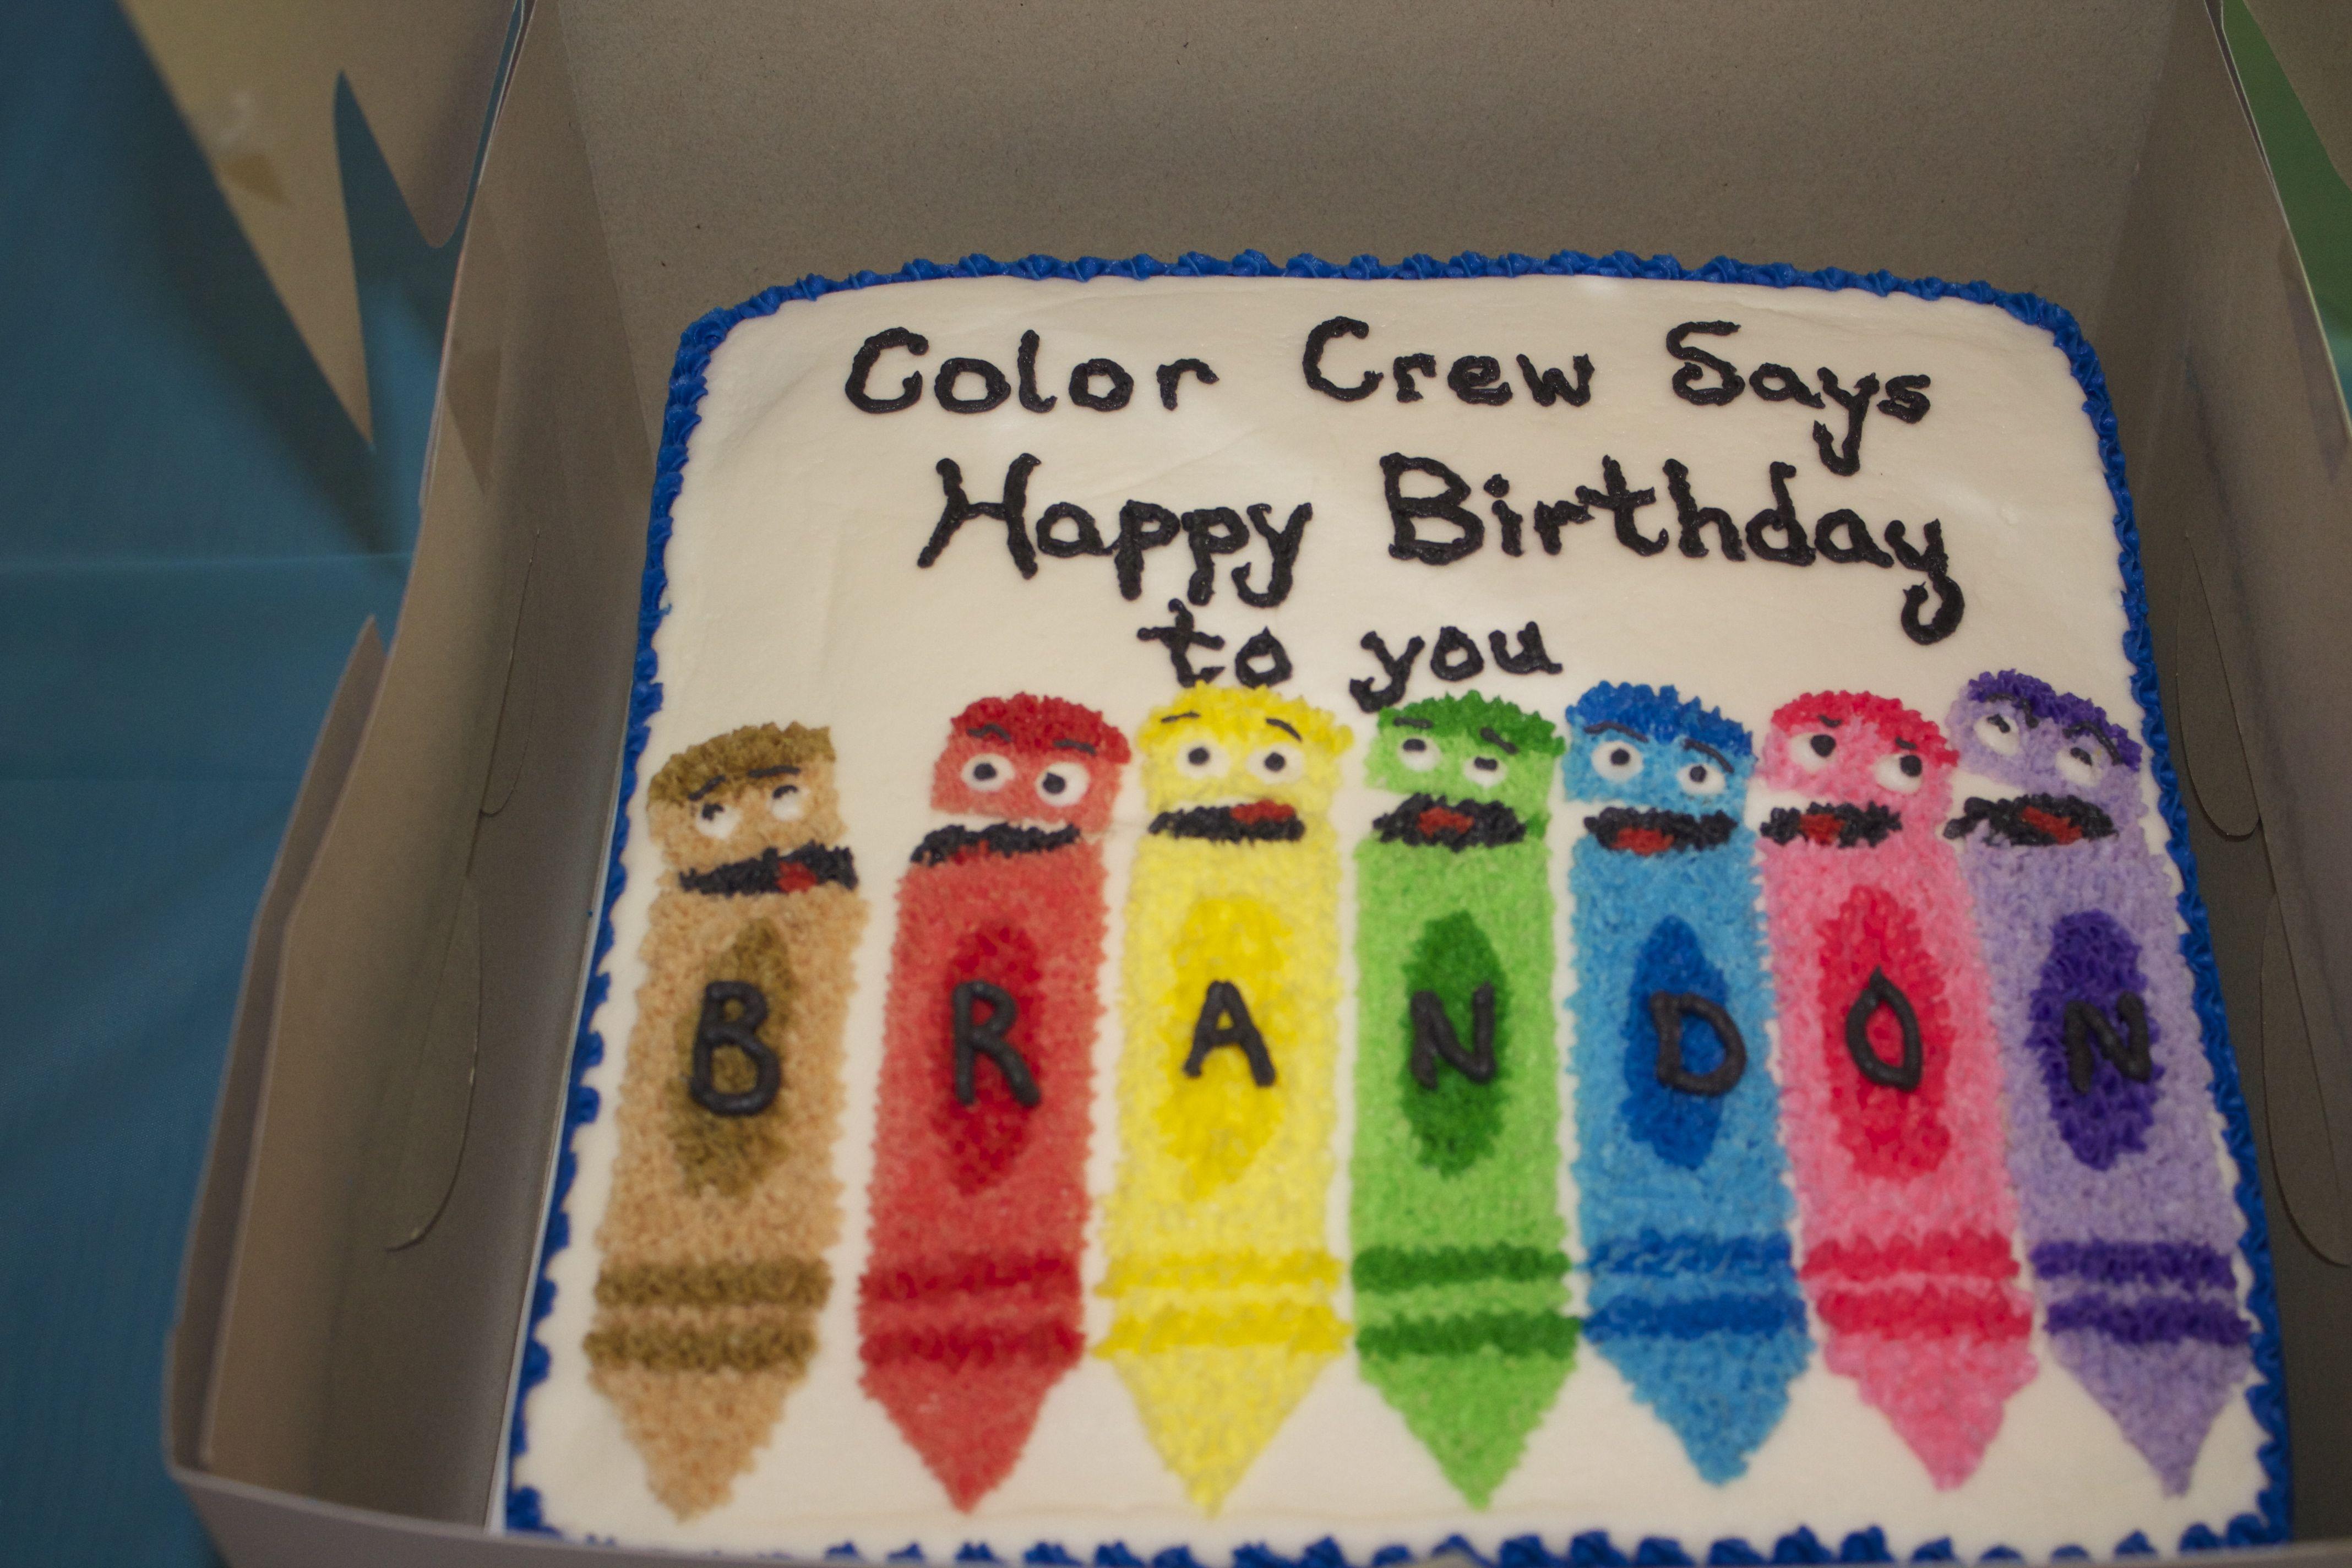 Color crew printables - Color Crew Crayon Cake